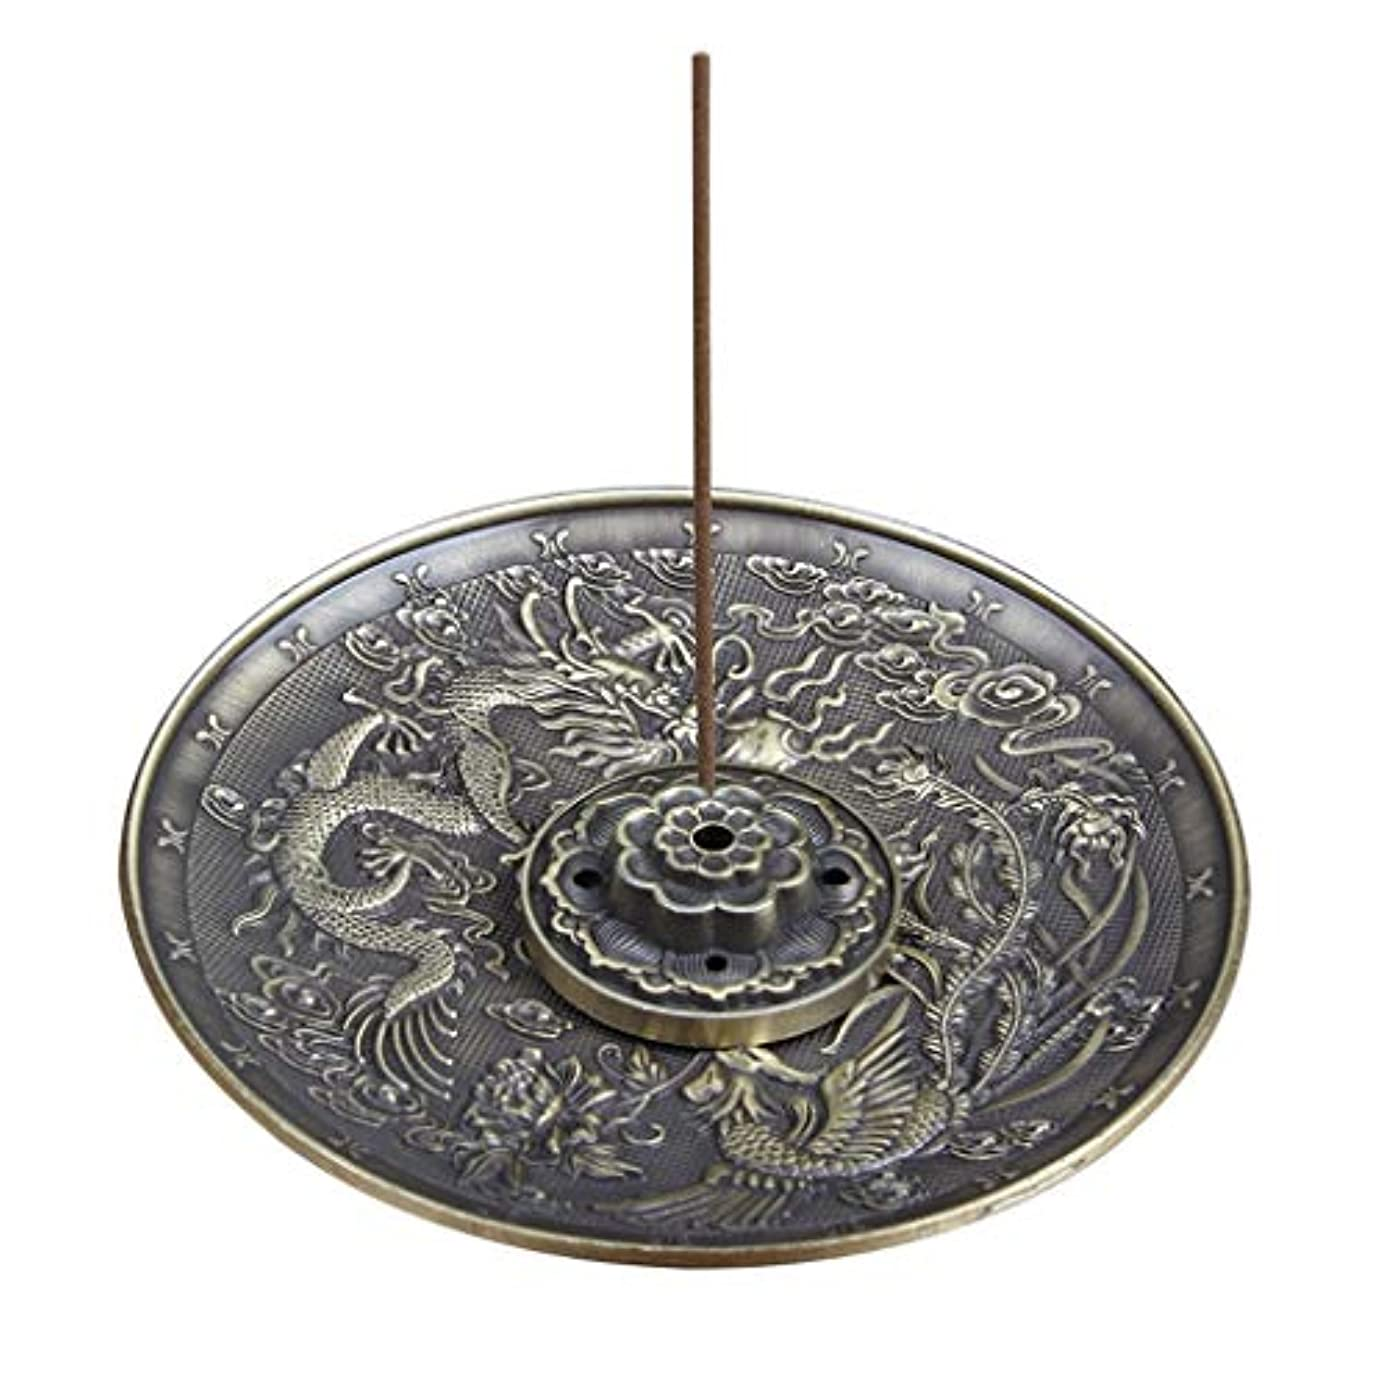 合金接続詞スケッチ合金線香ホルダーロータススティック線香バーナードラゴンとフェニックスコーン線香オイルバーナー灰との逆流キャッチャー(5穴) (Color : Bronze, サイズ : 3.77*0.51inches)